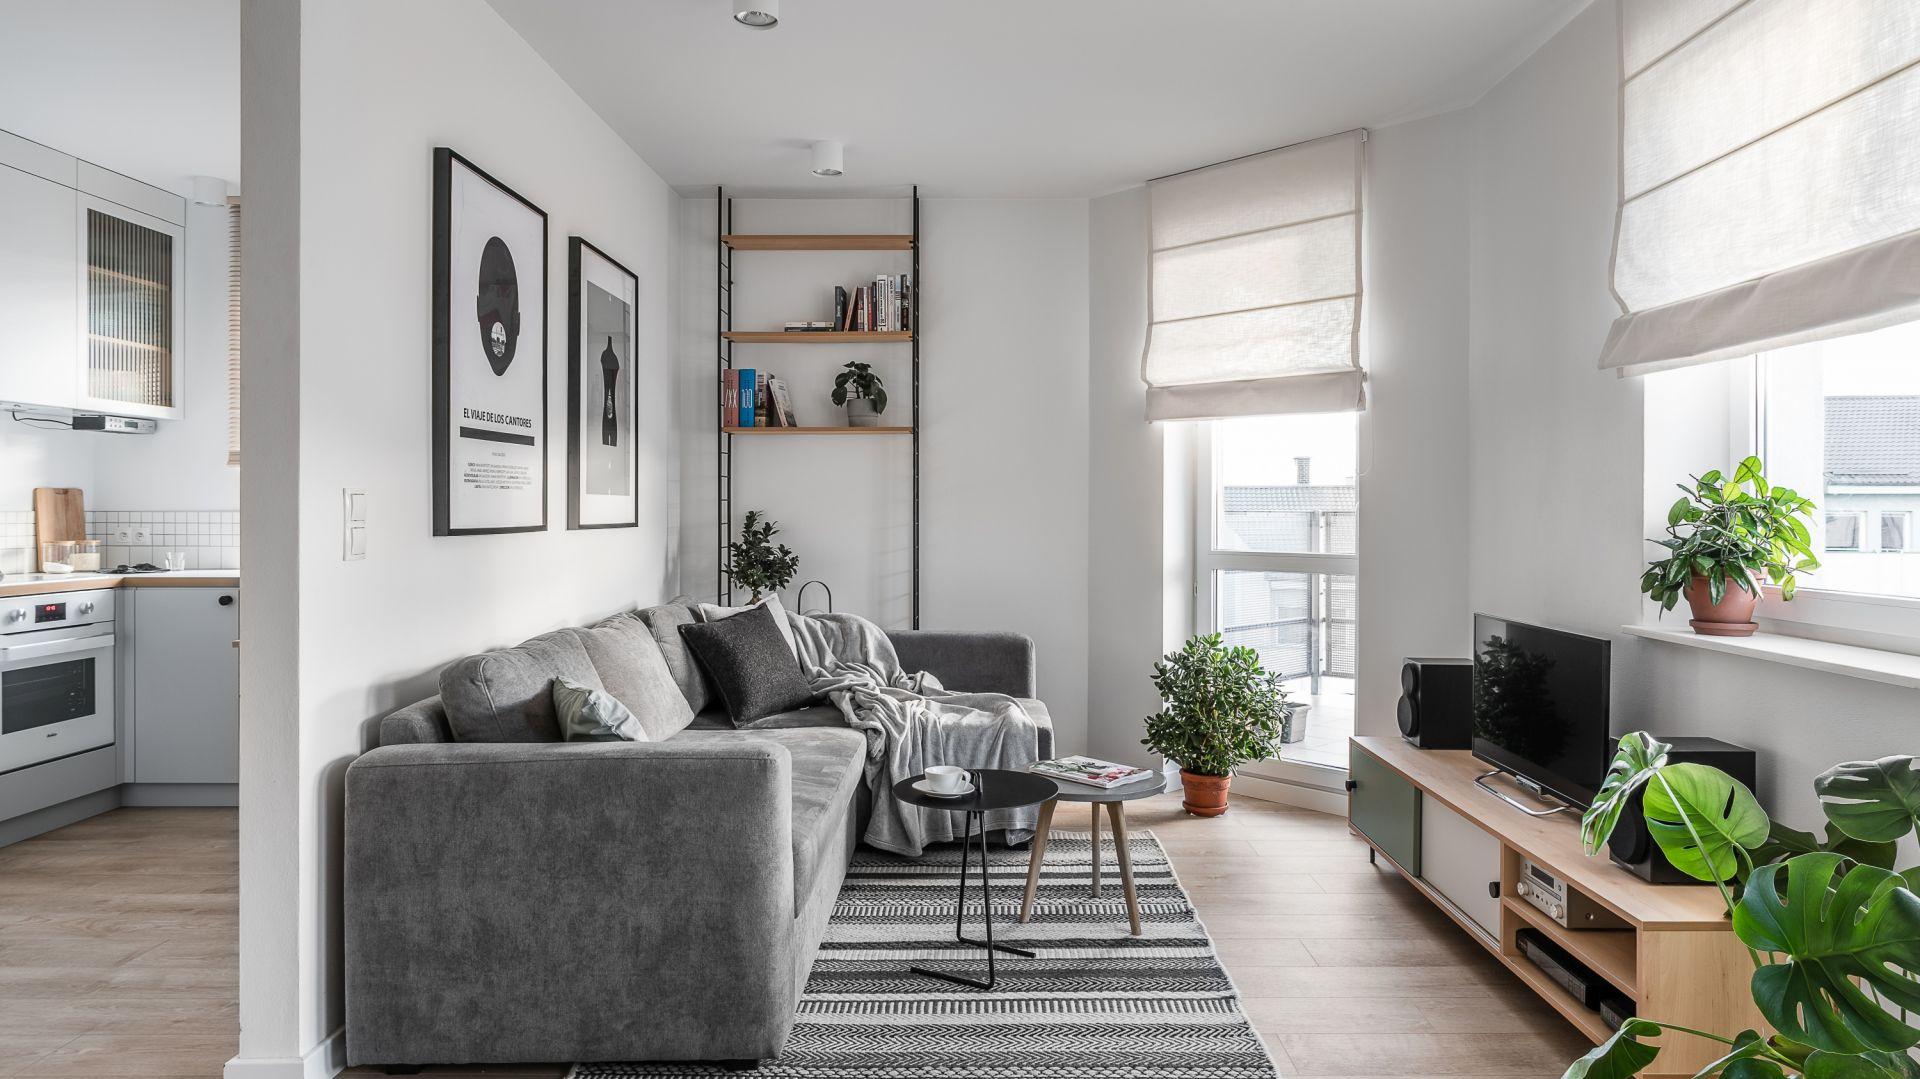 Niewielki salon urządzono w duchu skandynawski. Żywe rośliny wnoszą do wnętrza pozytywna energię. Projekt Raca Architekci. Fot. Fotomohito